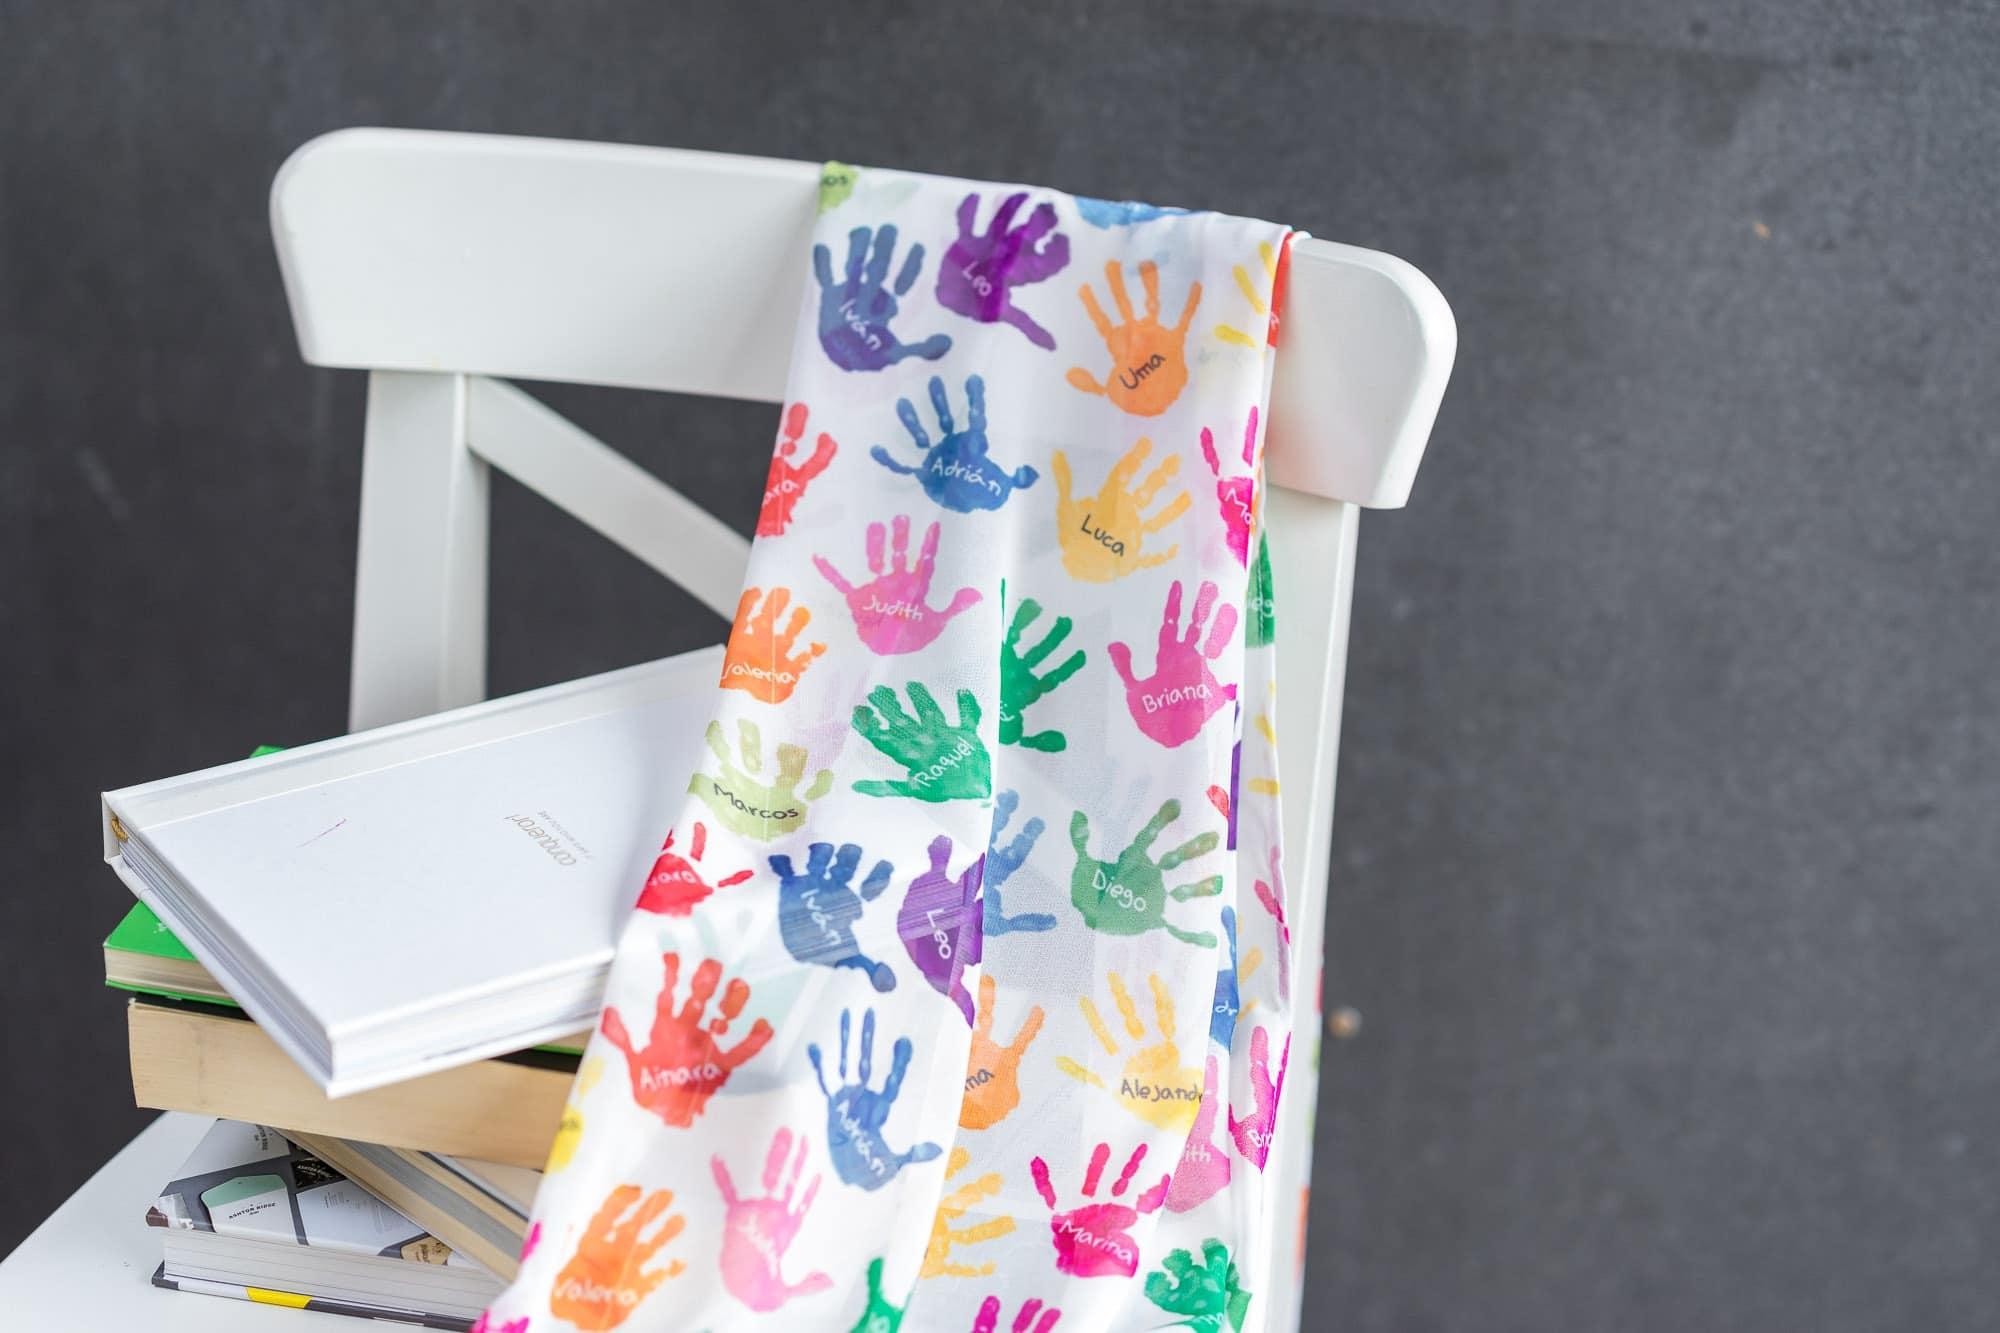 Fular personalizado para profesora con manos y nombres de sus alumnos en colores